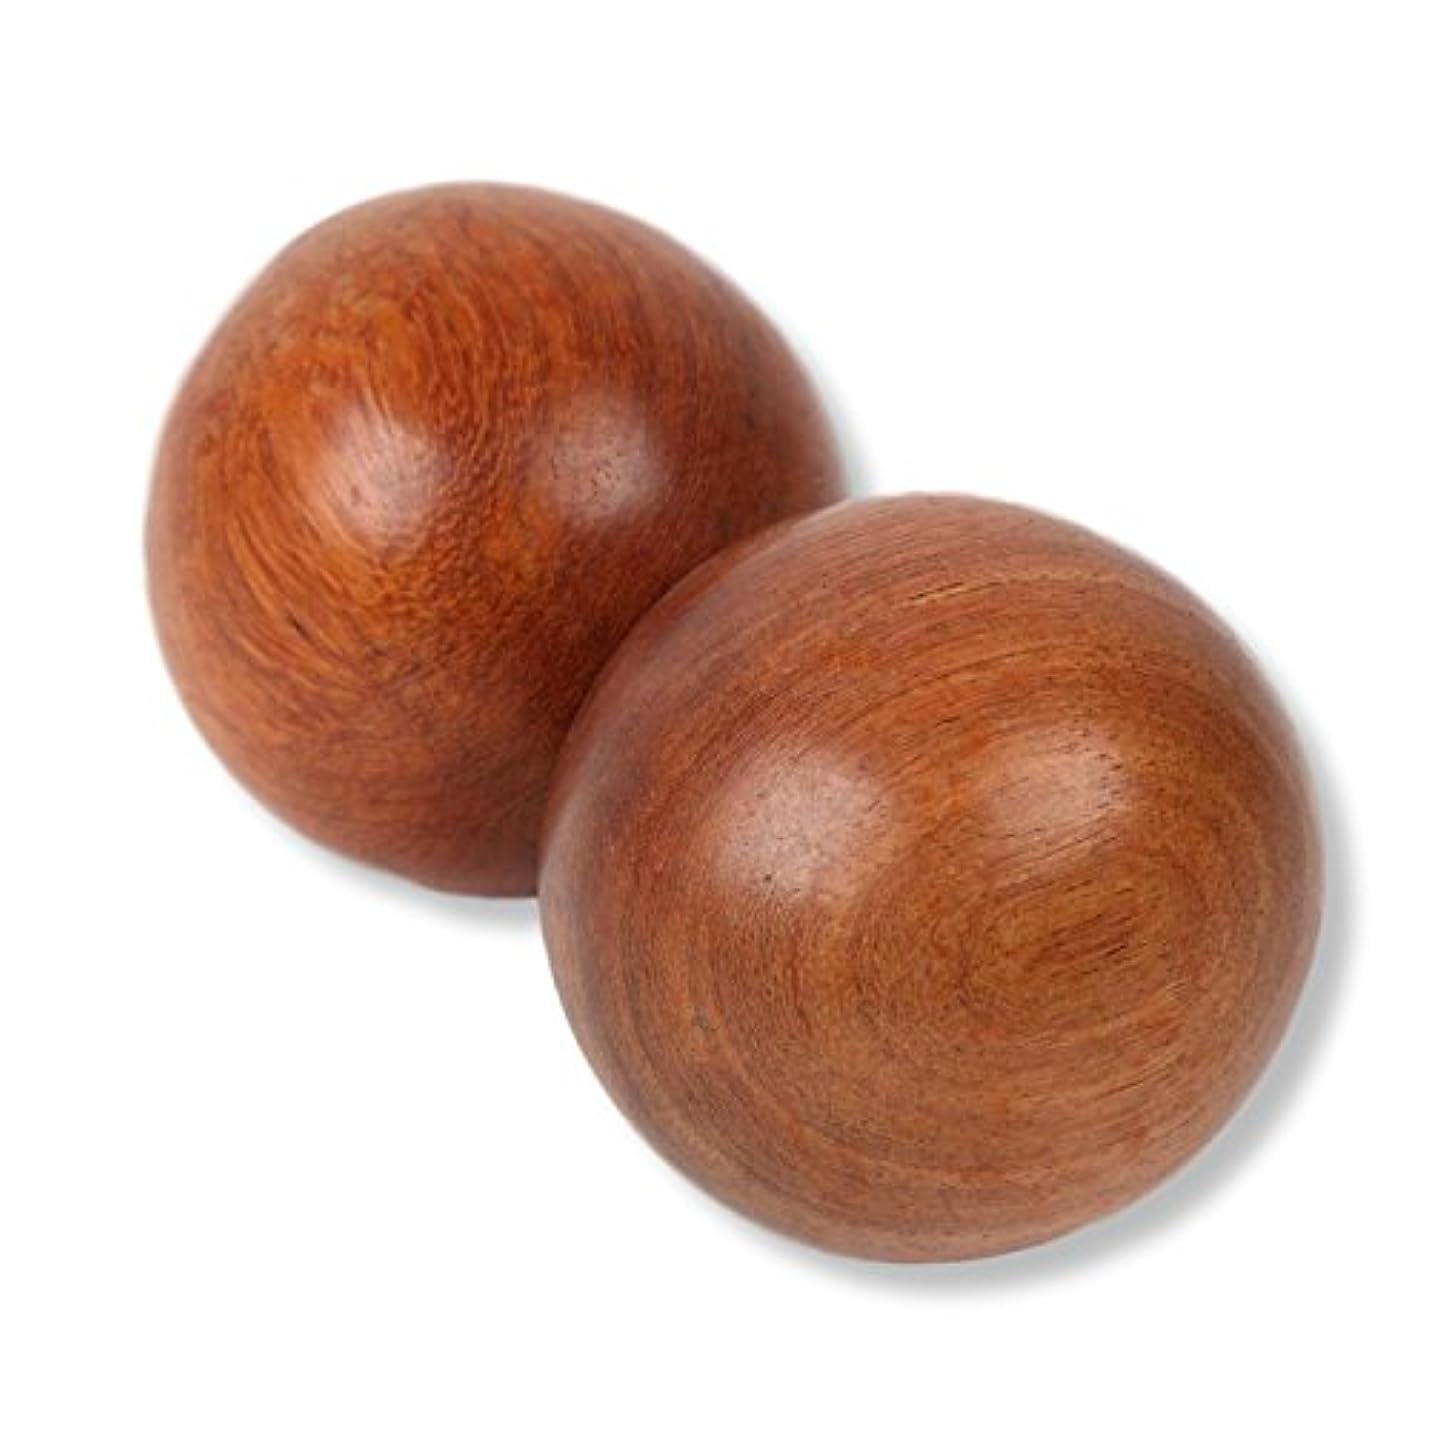 保護取り除く徹底的にSunnyBran 木製ボール マッサージ リハビリ インテリア 等に 2個入り